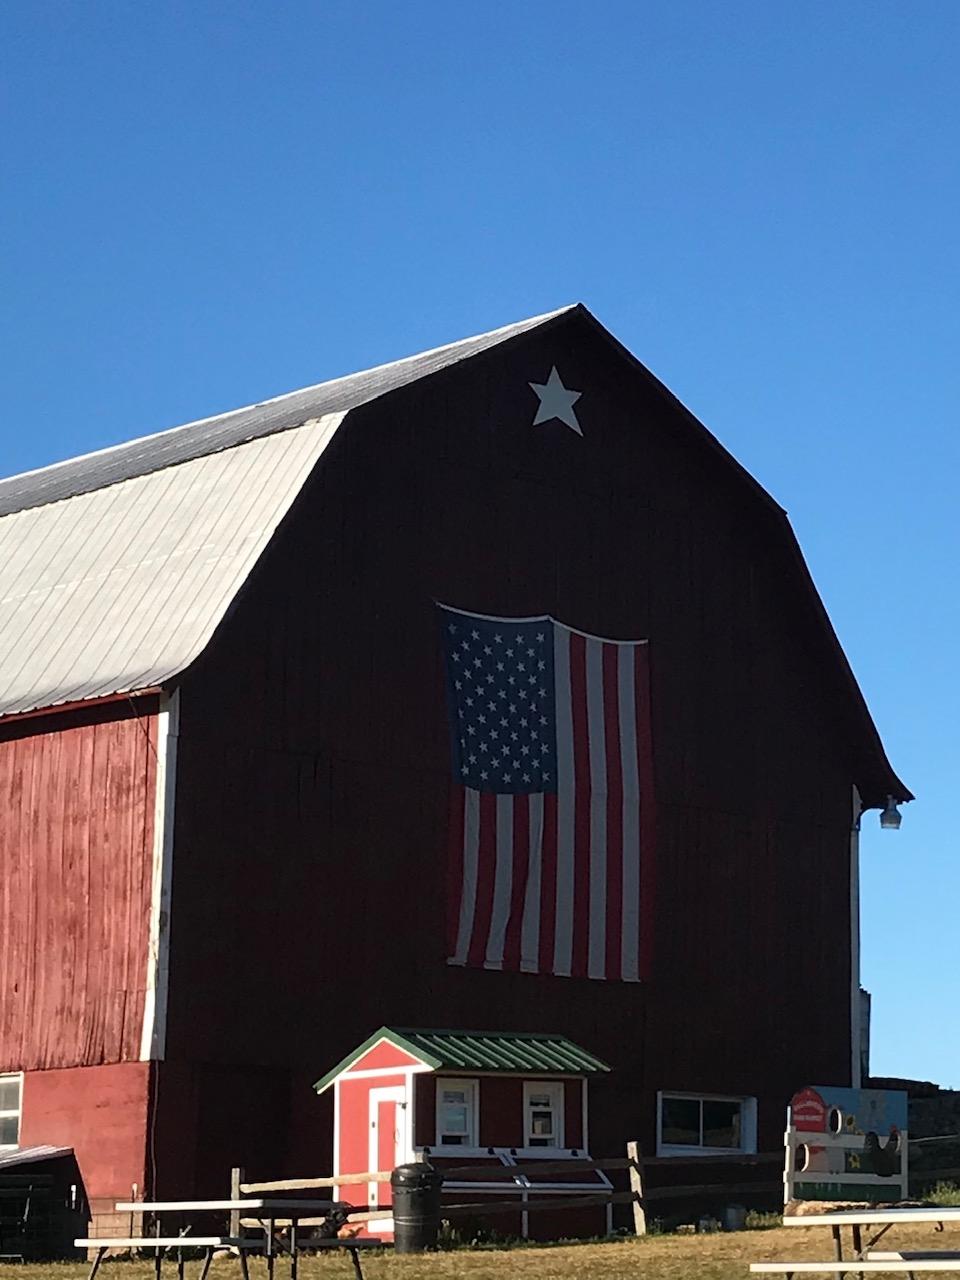 Barn with USA flag